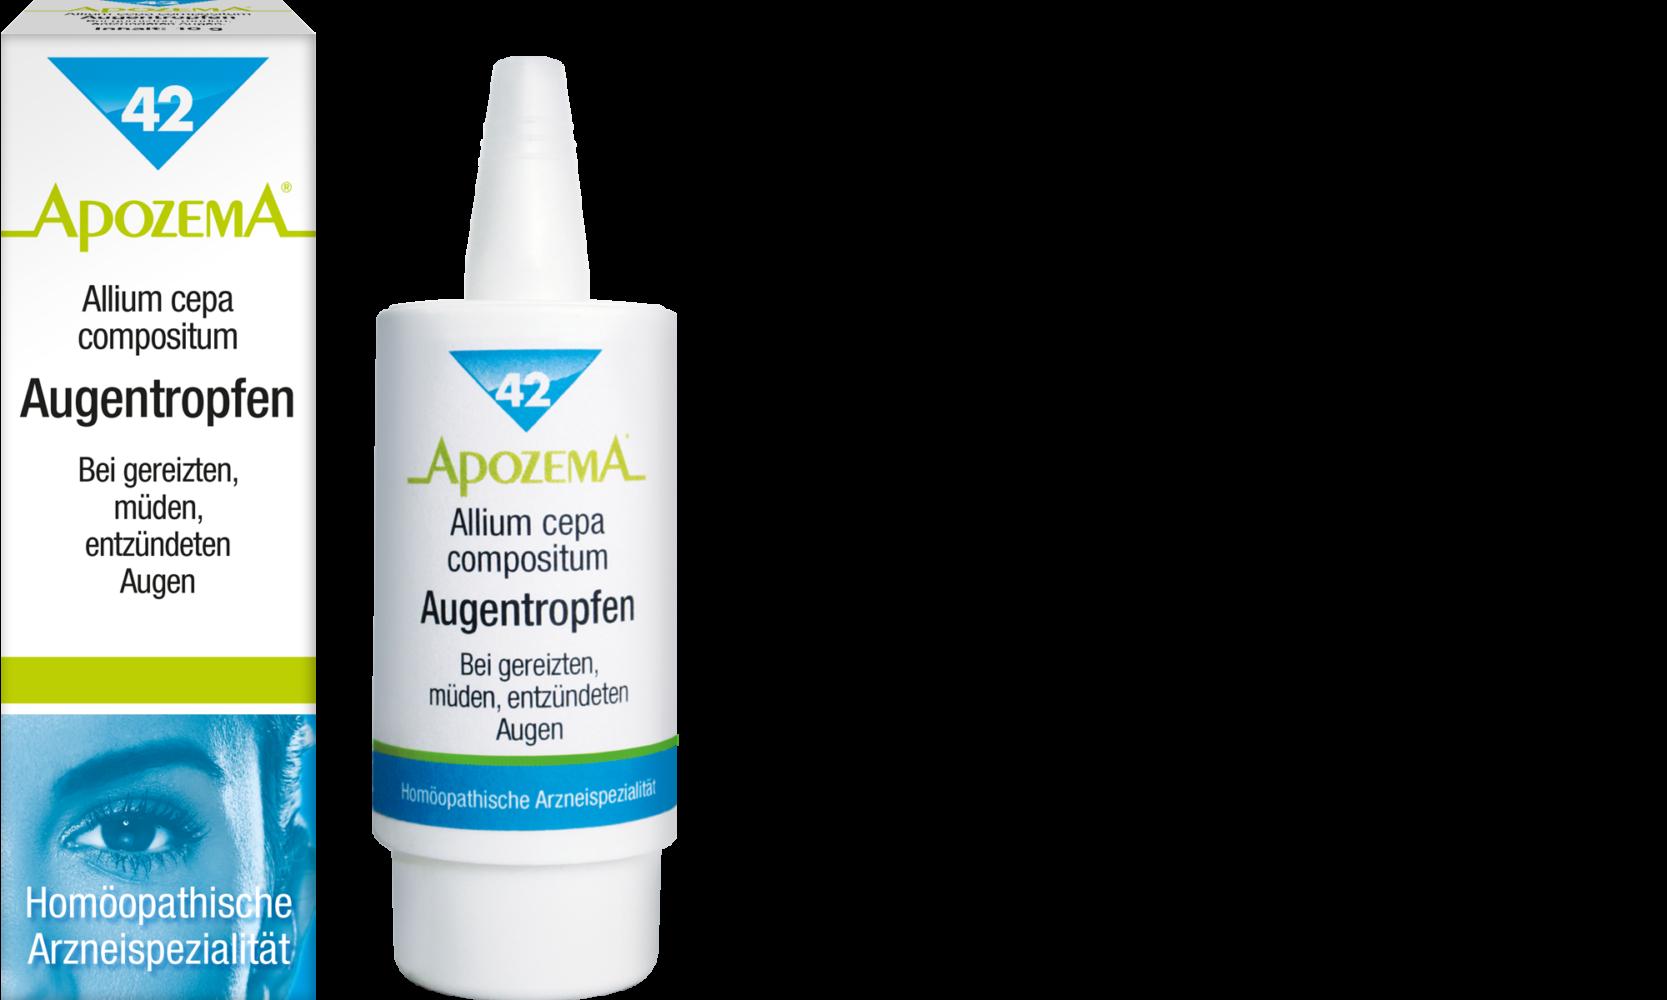 Apozema® Nr. 42 Allium cepa compositum Augentropfen